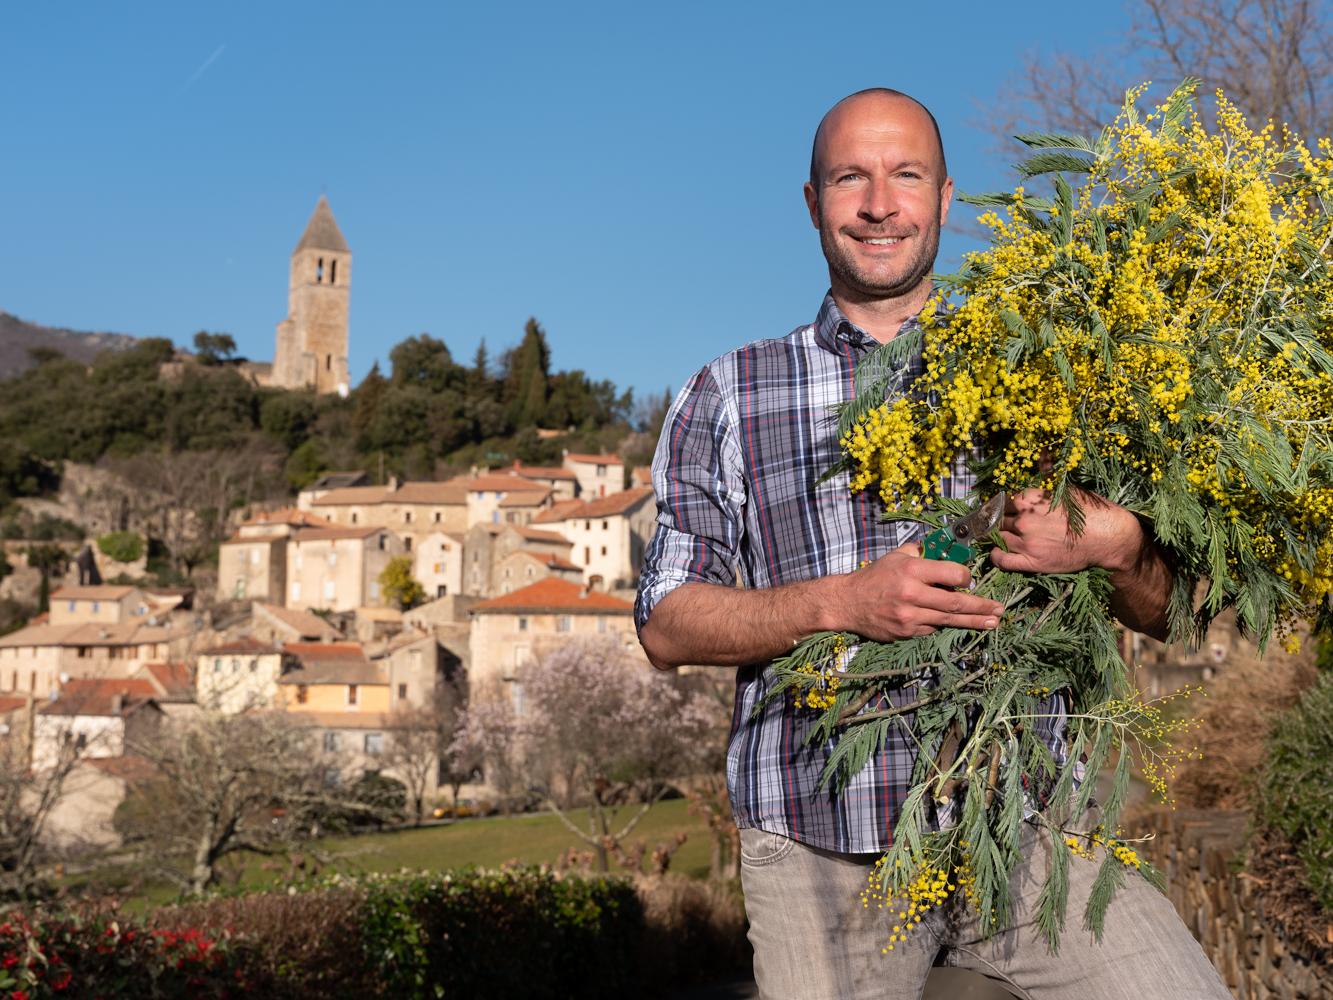 François , horticulteur, Olargues usagers voie verte Parc naturel Haut-Languedoc région Occitanie